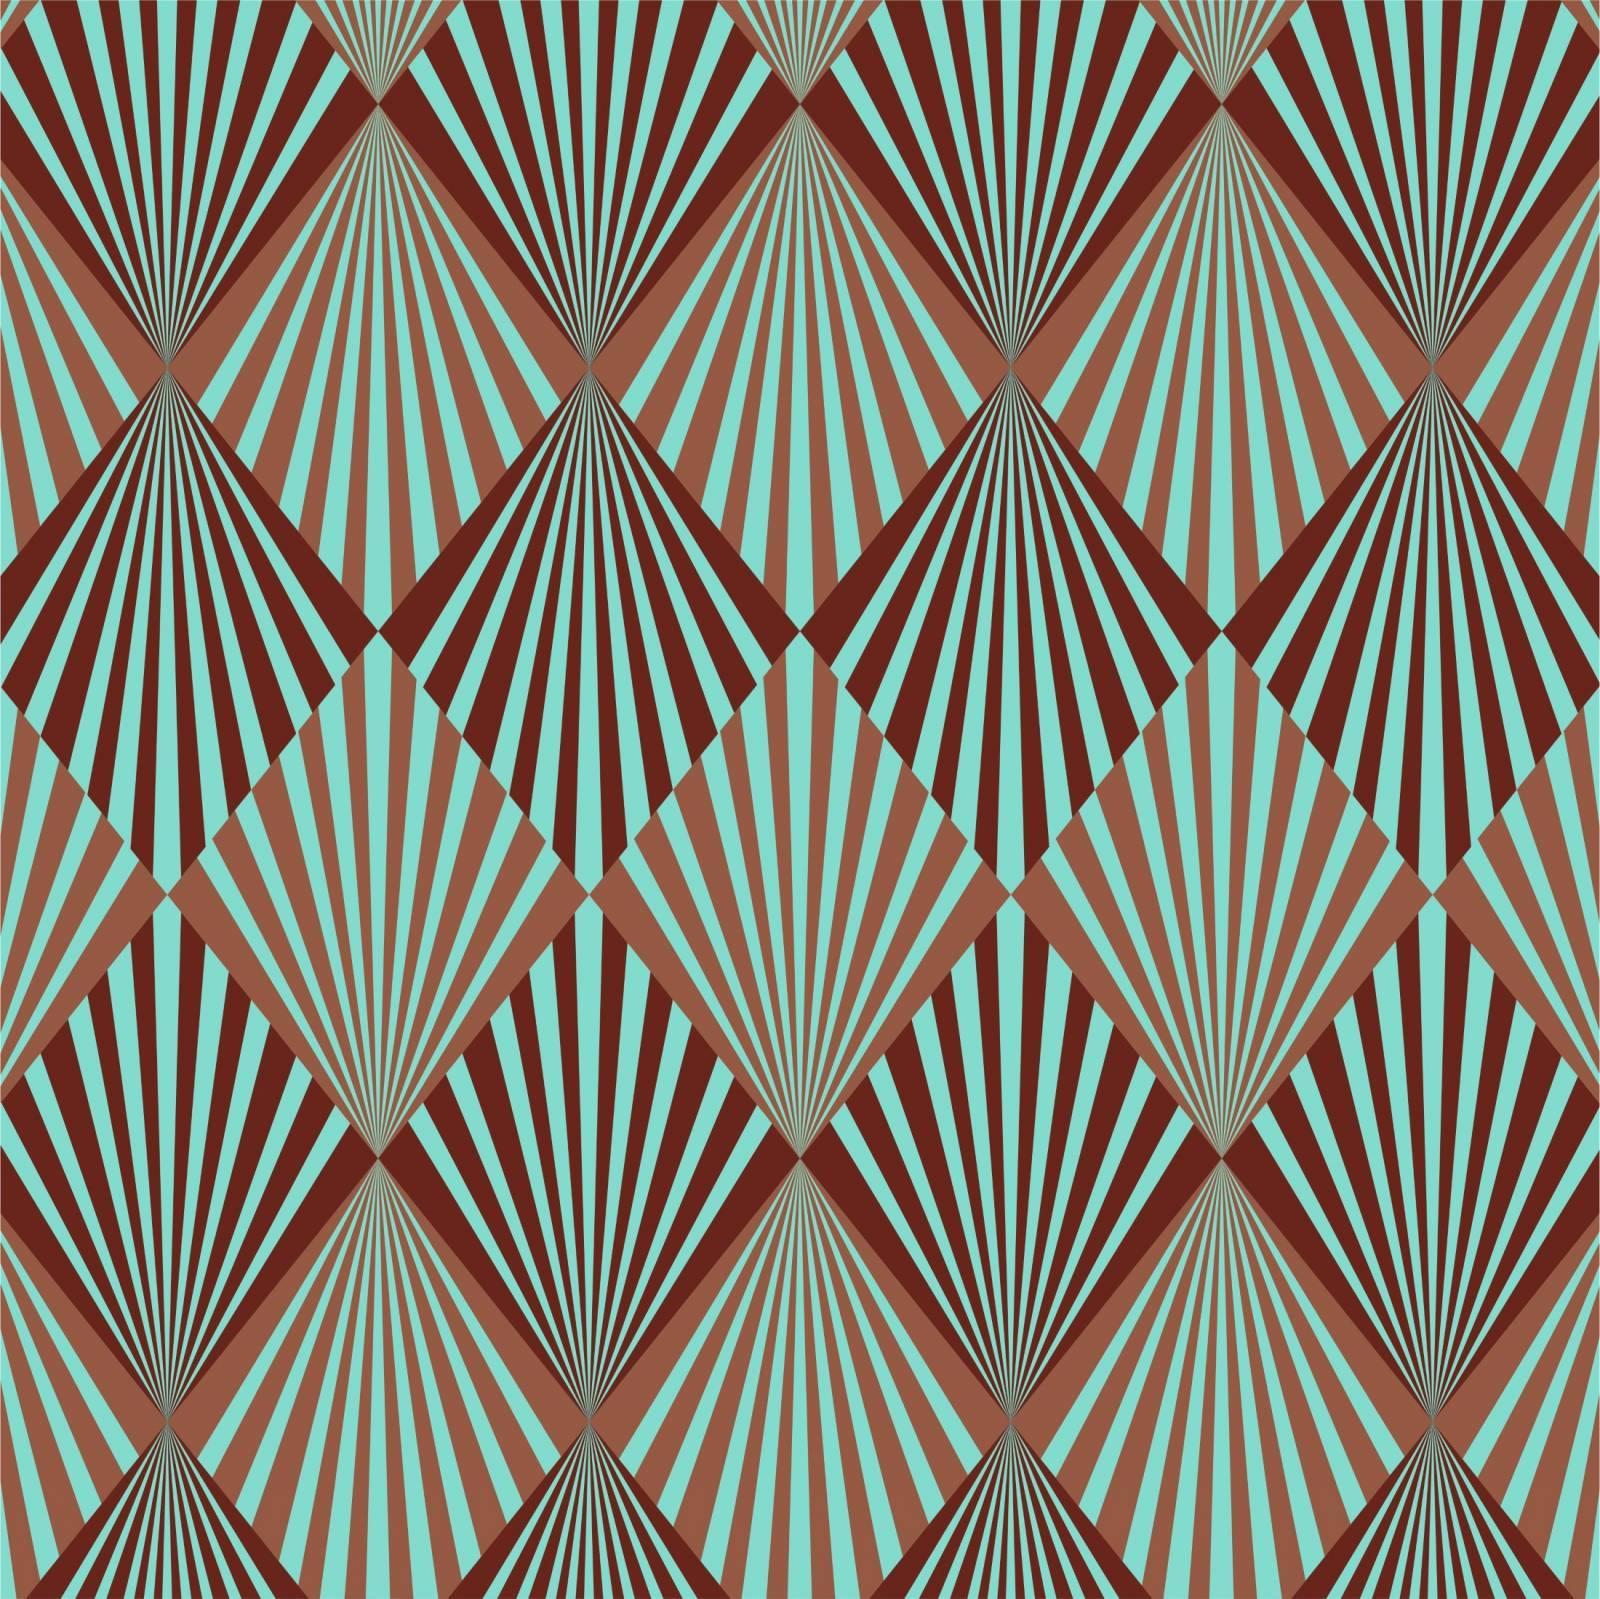 Papel de Parede Adesivo Geometrico Retro /Rolo  imagem 1